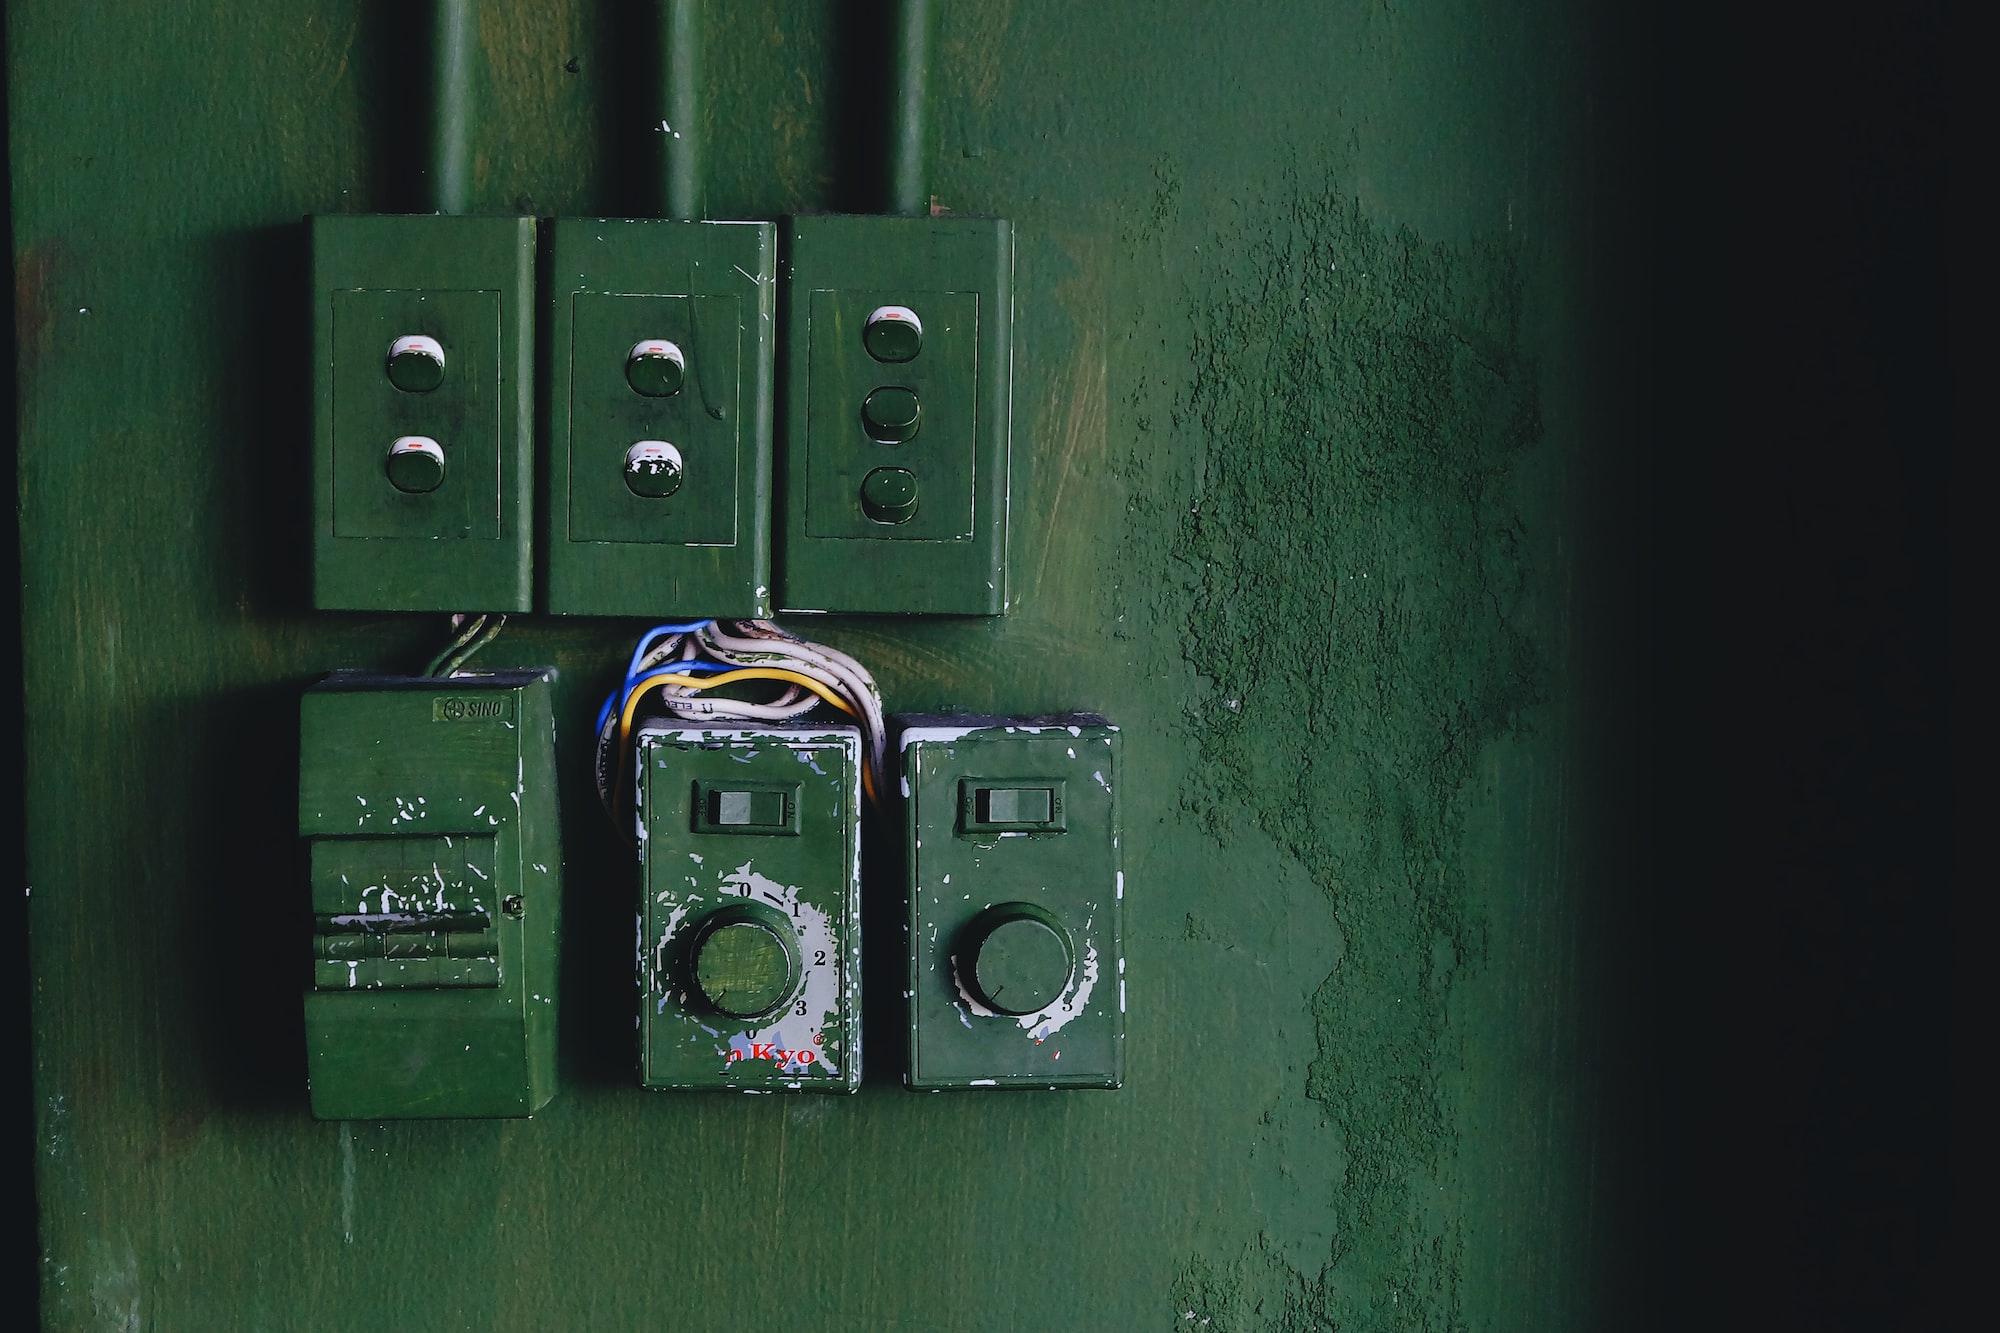 MQTT - sterujemy przełącznikiem